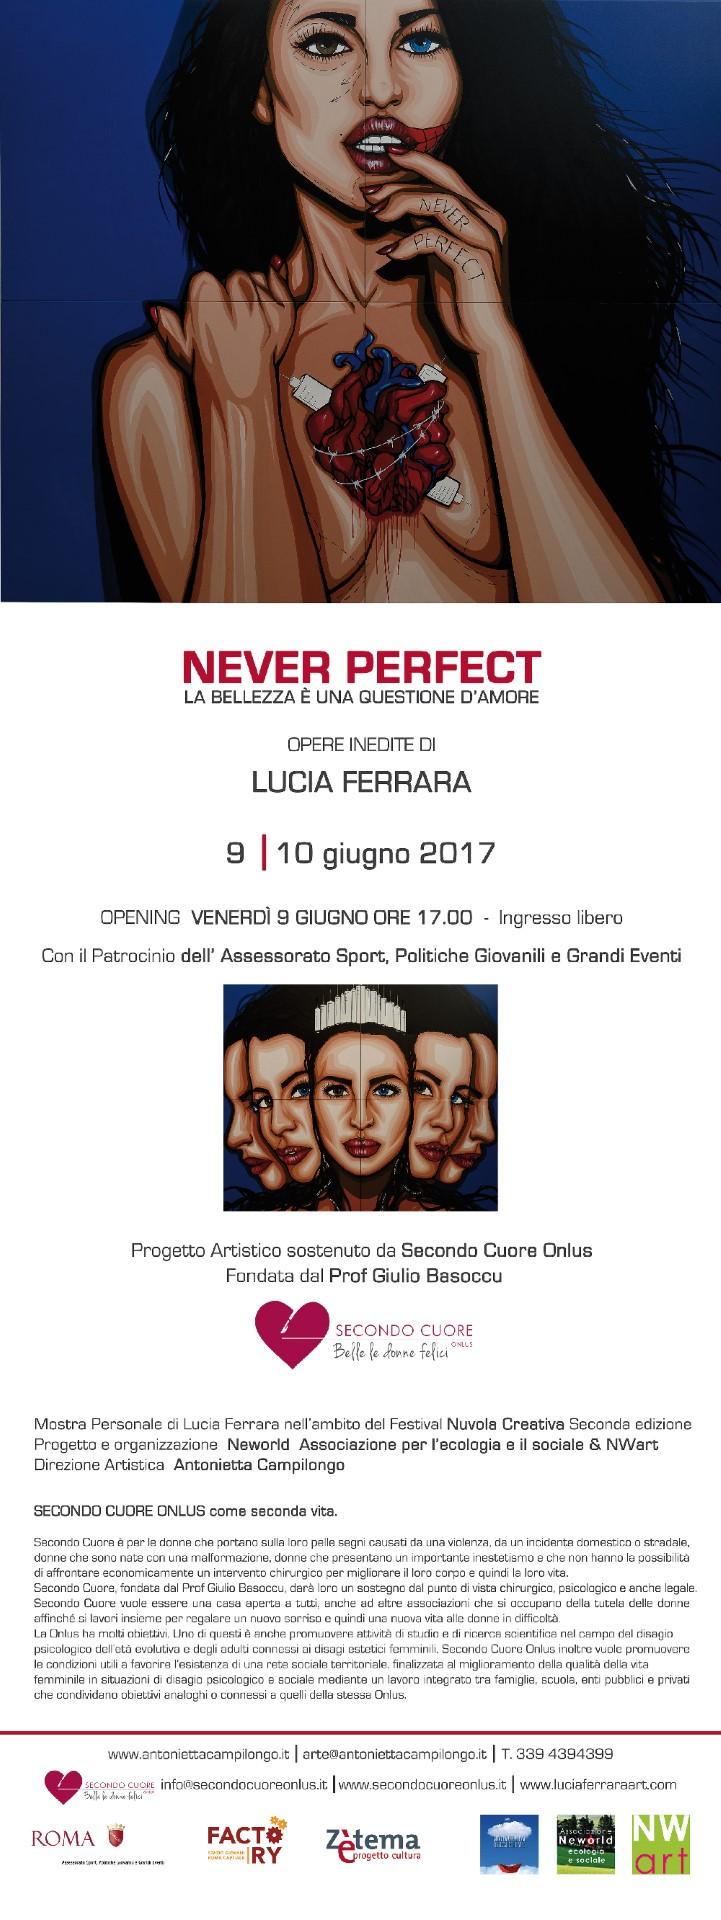 Locandina evento Never Perfect - la bellezza è una questione d'Amore